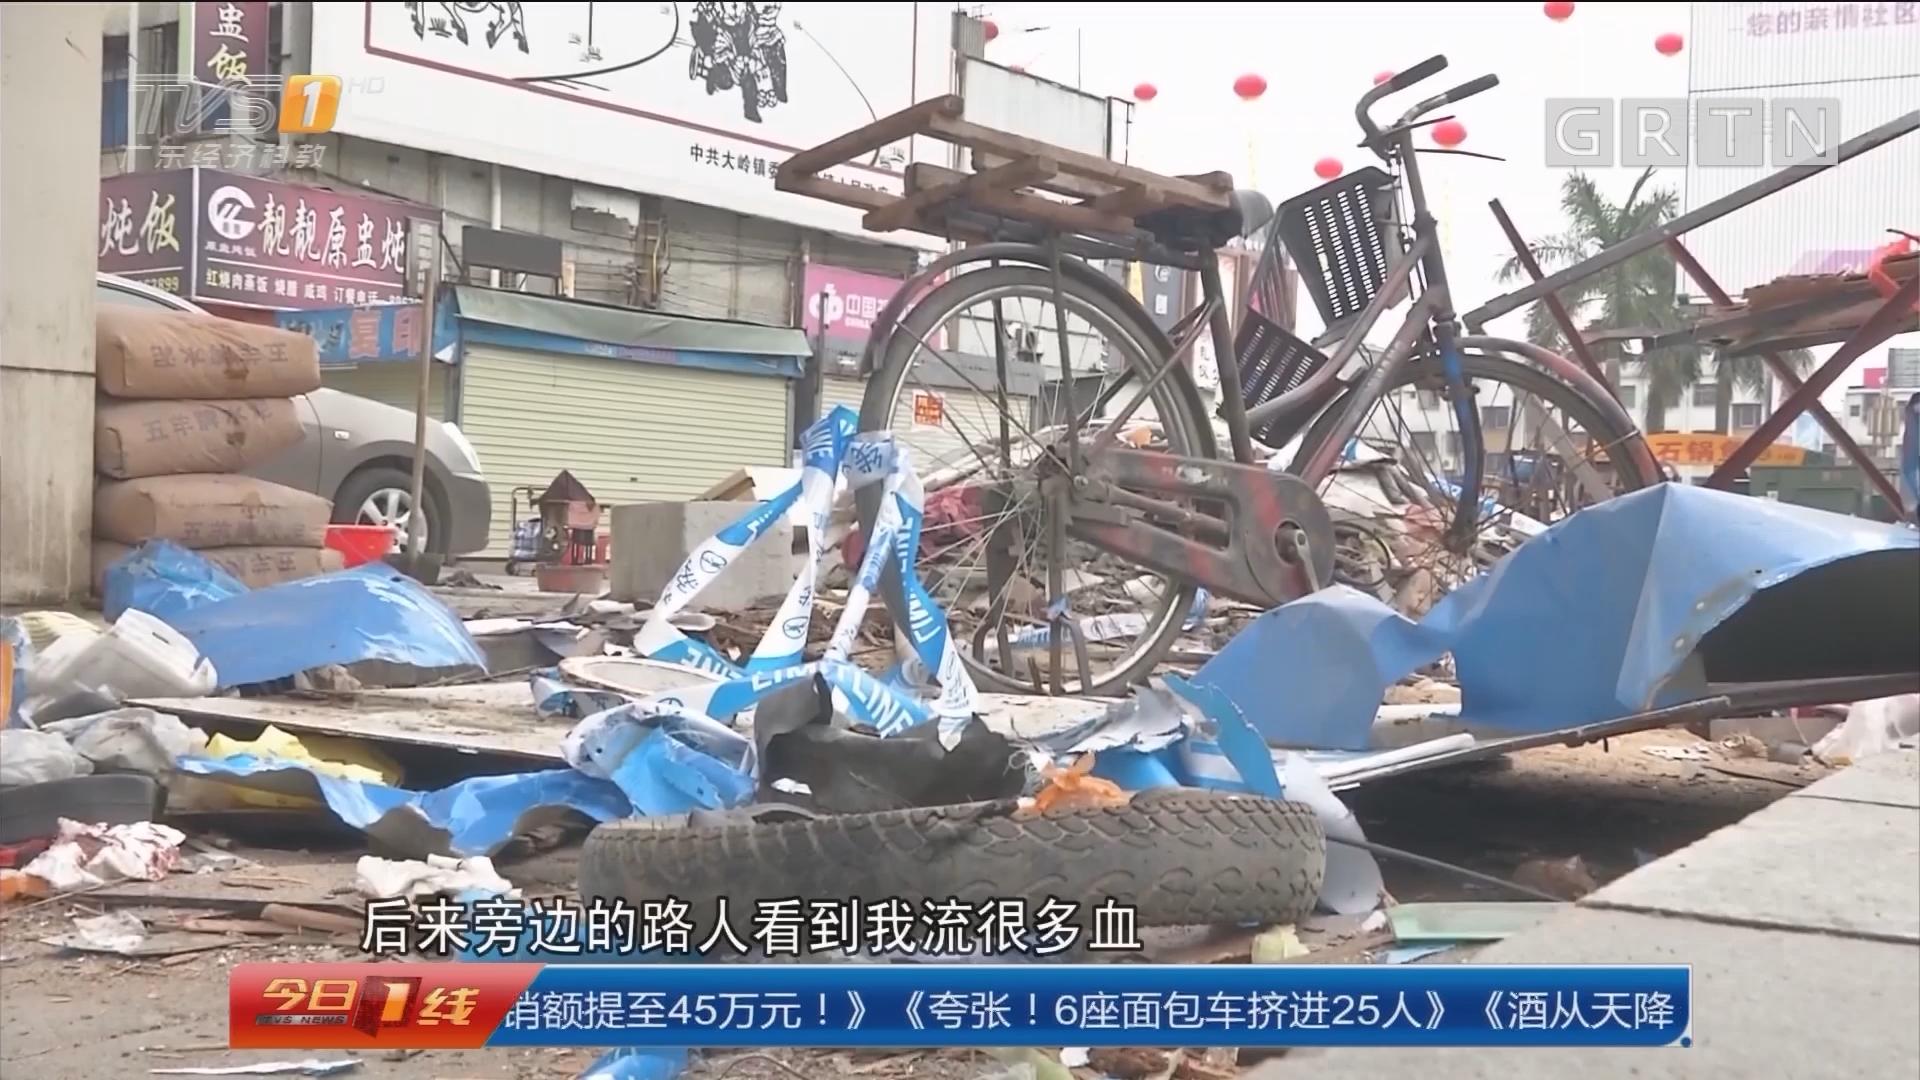 惠州惠东:疑修车档电焊引爆气瓶 殃及旁人